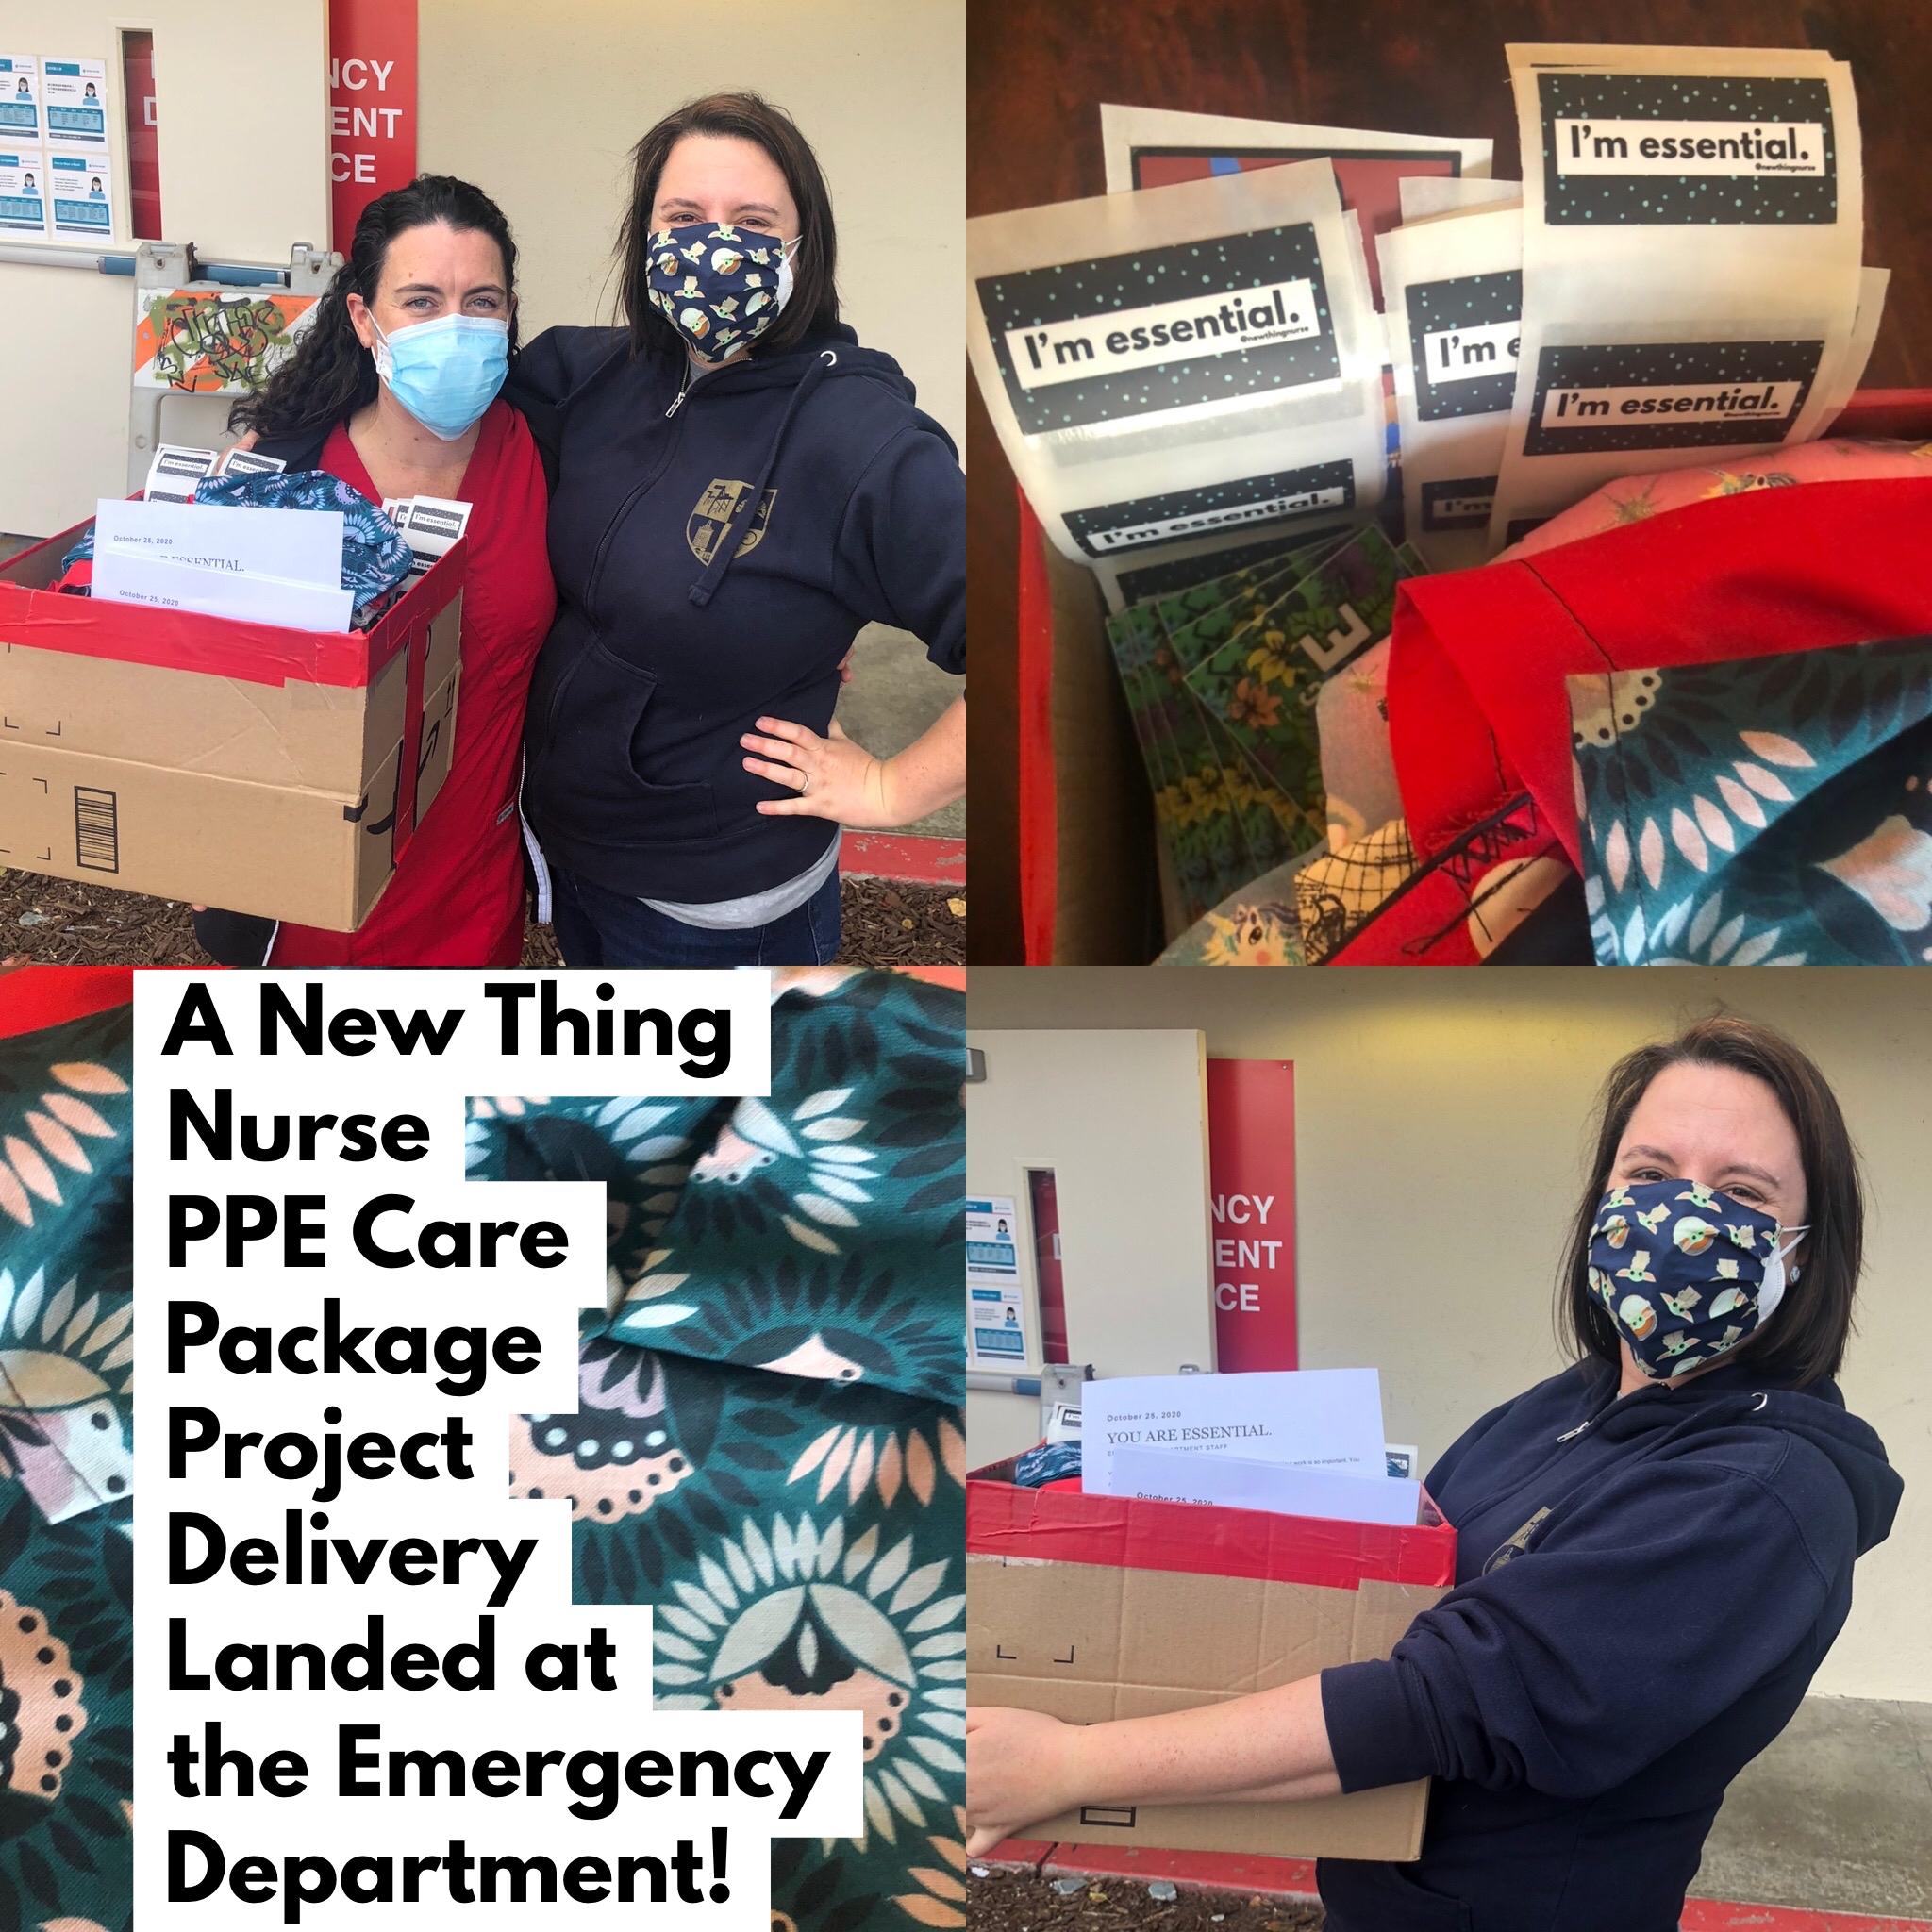 2020年10月25日:80个护士自制的磨砂帽被送到阿尔塔贝茨顶峰医疗中心的急诊室!